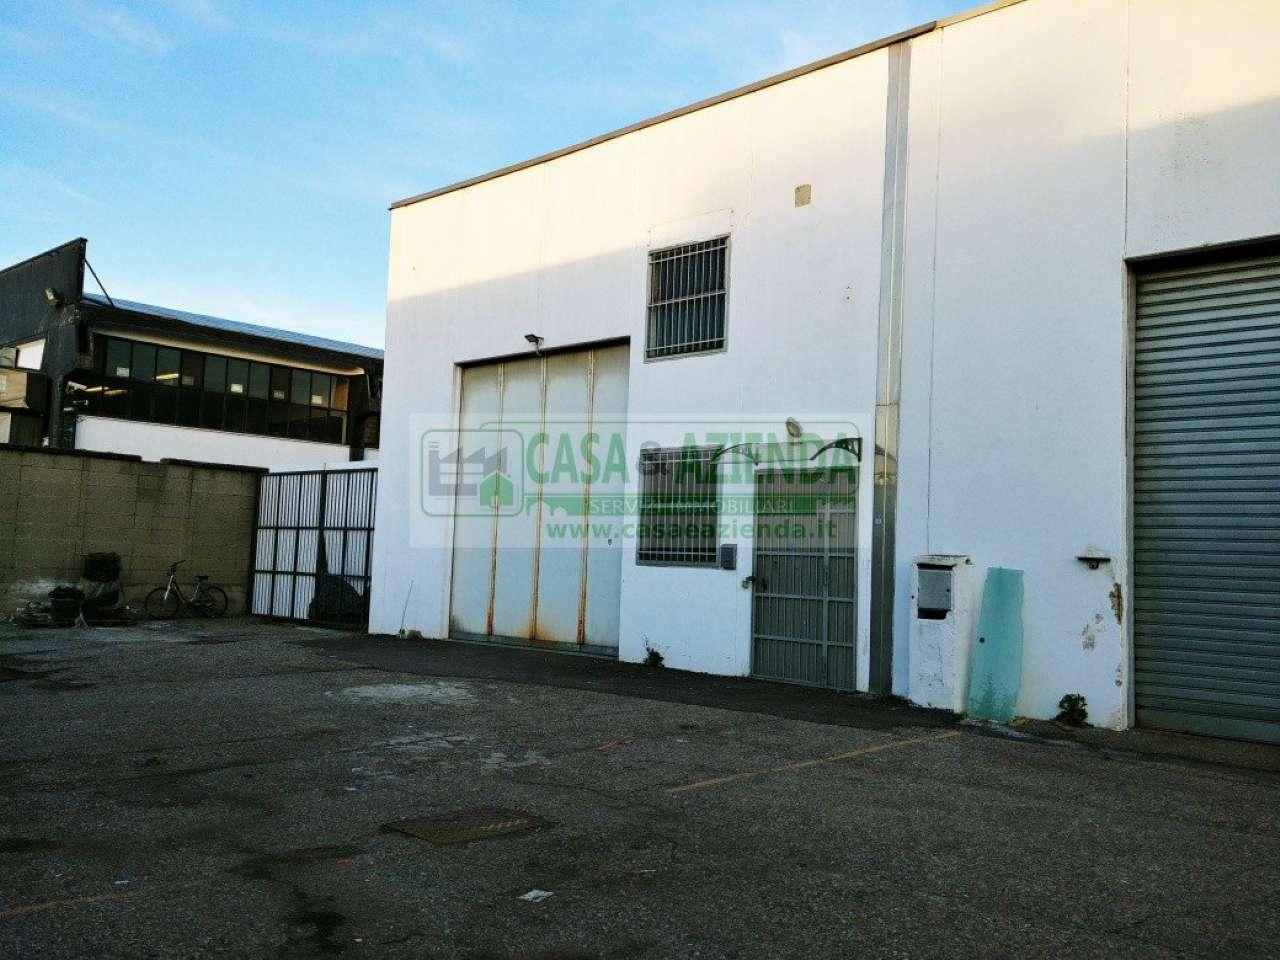 Capannone in vendita a Cassina de' Pecchi, 1 locali, prezzo € 190.000   PortaleAgenzieImmobiliari.it